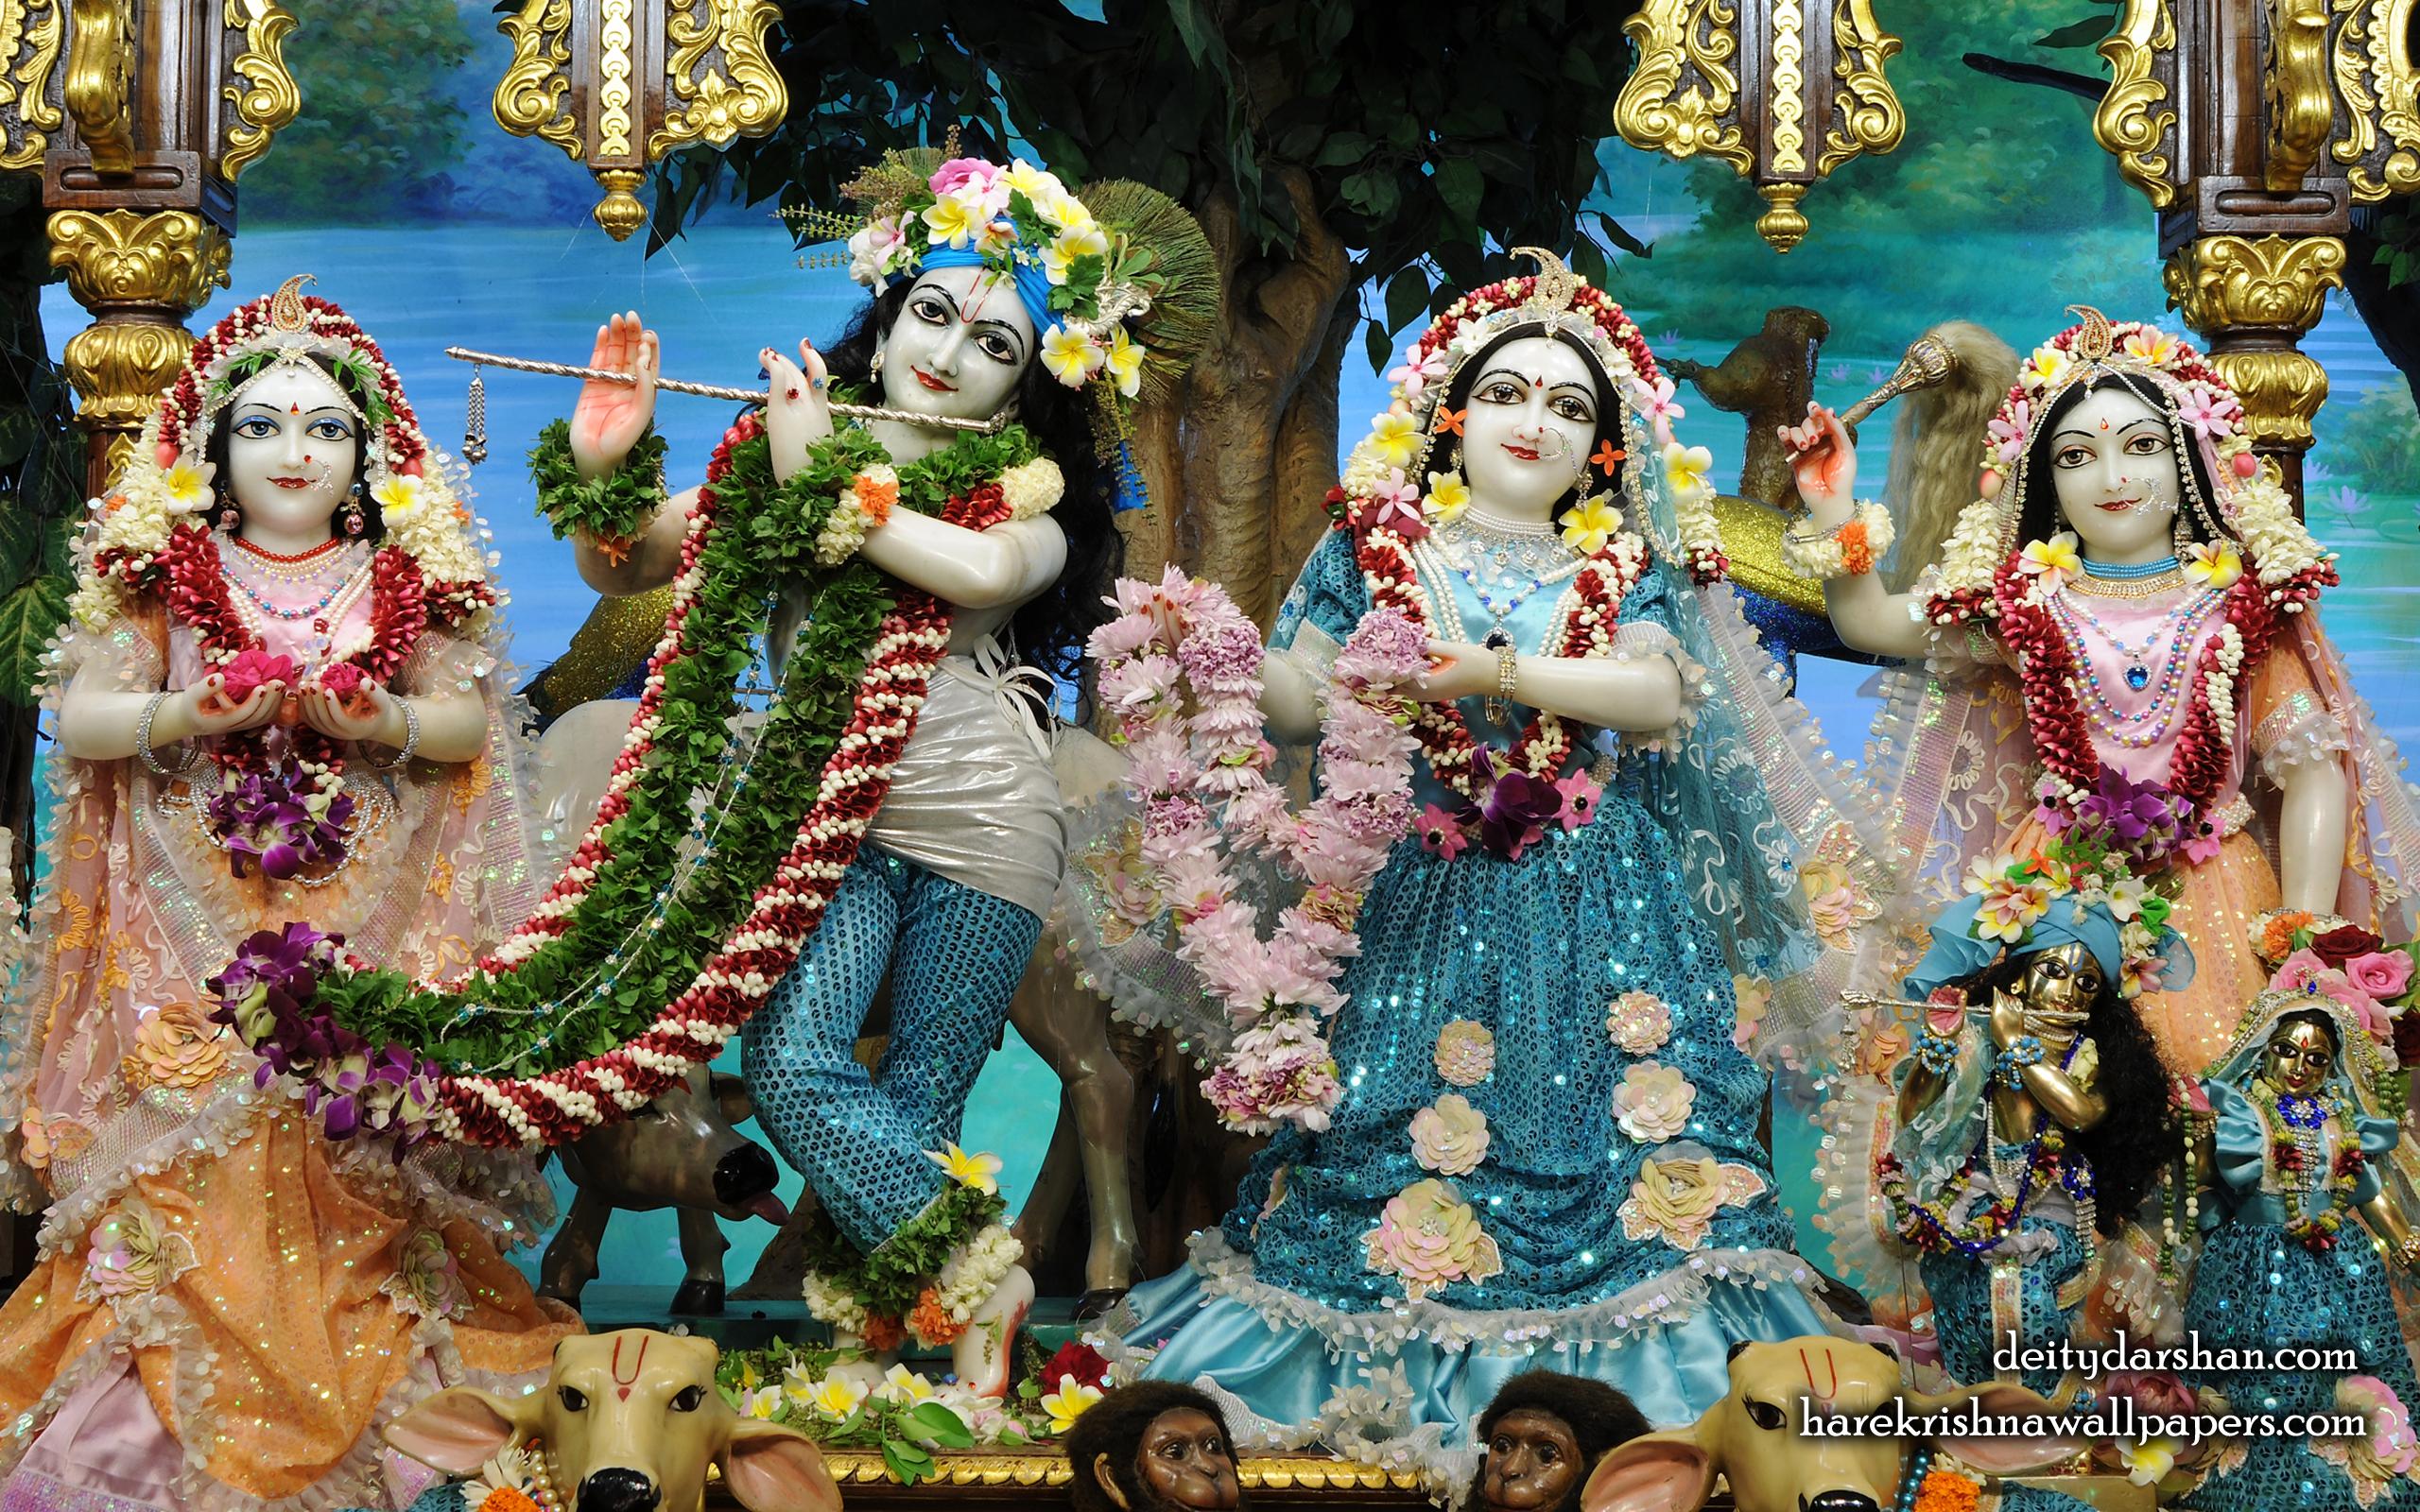 Sri Sri Radha Gopinath Lalita Vishakha Wallpaper (074) Size 2560x1600 Download